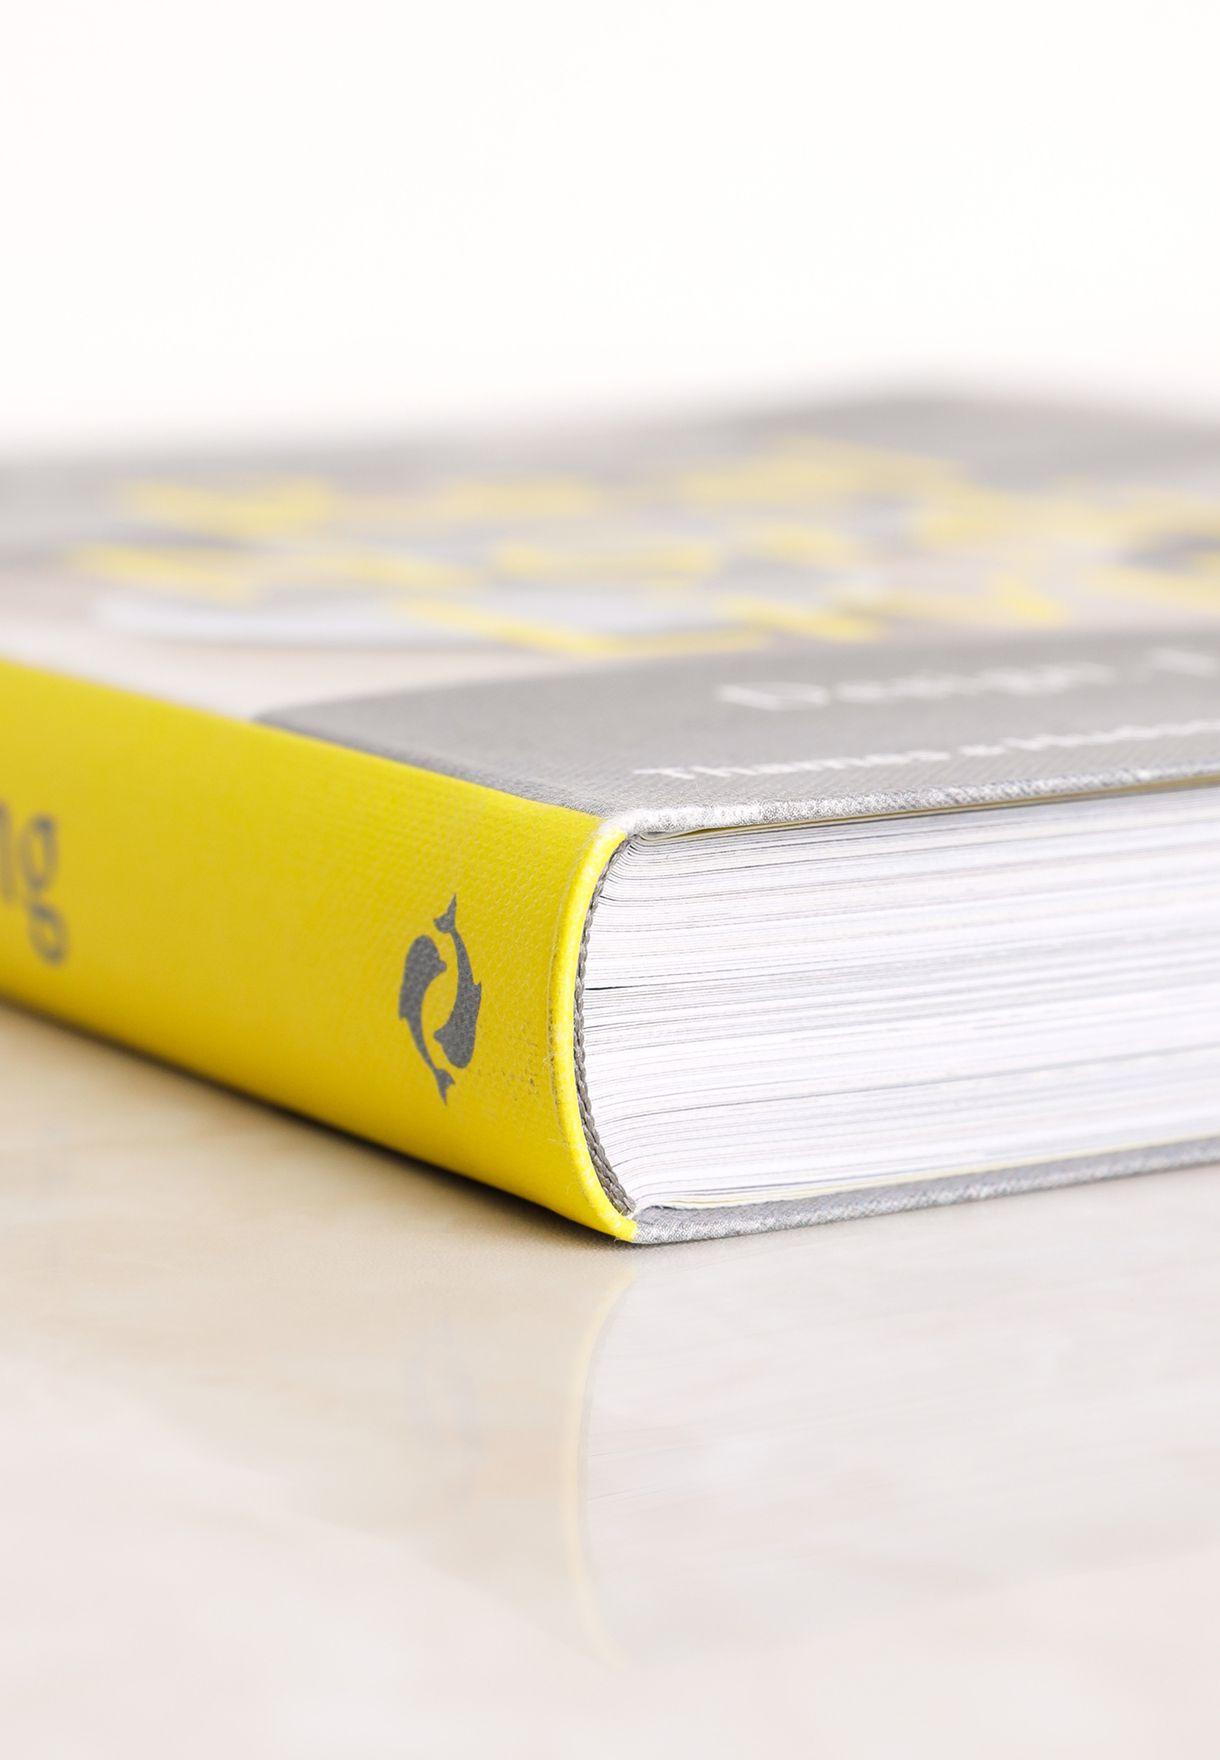 كتاب ريل نوردك ليفينغ: ديزاين. فود. ارت. ترافل